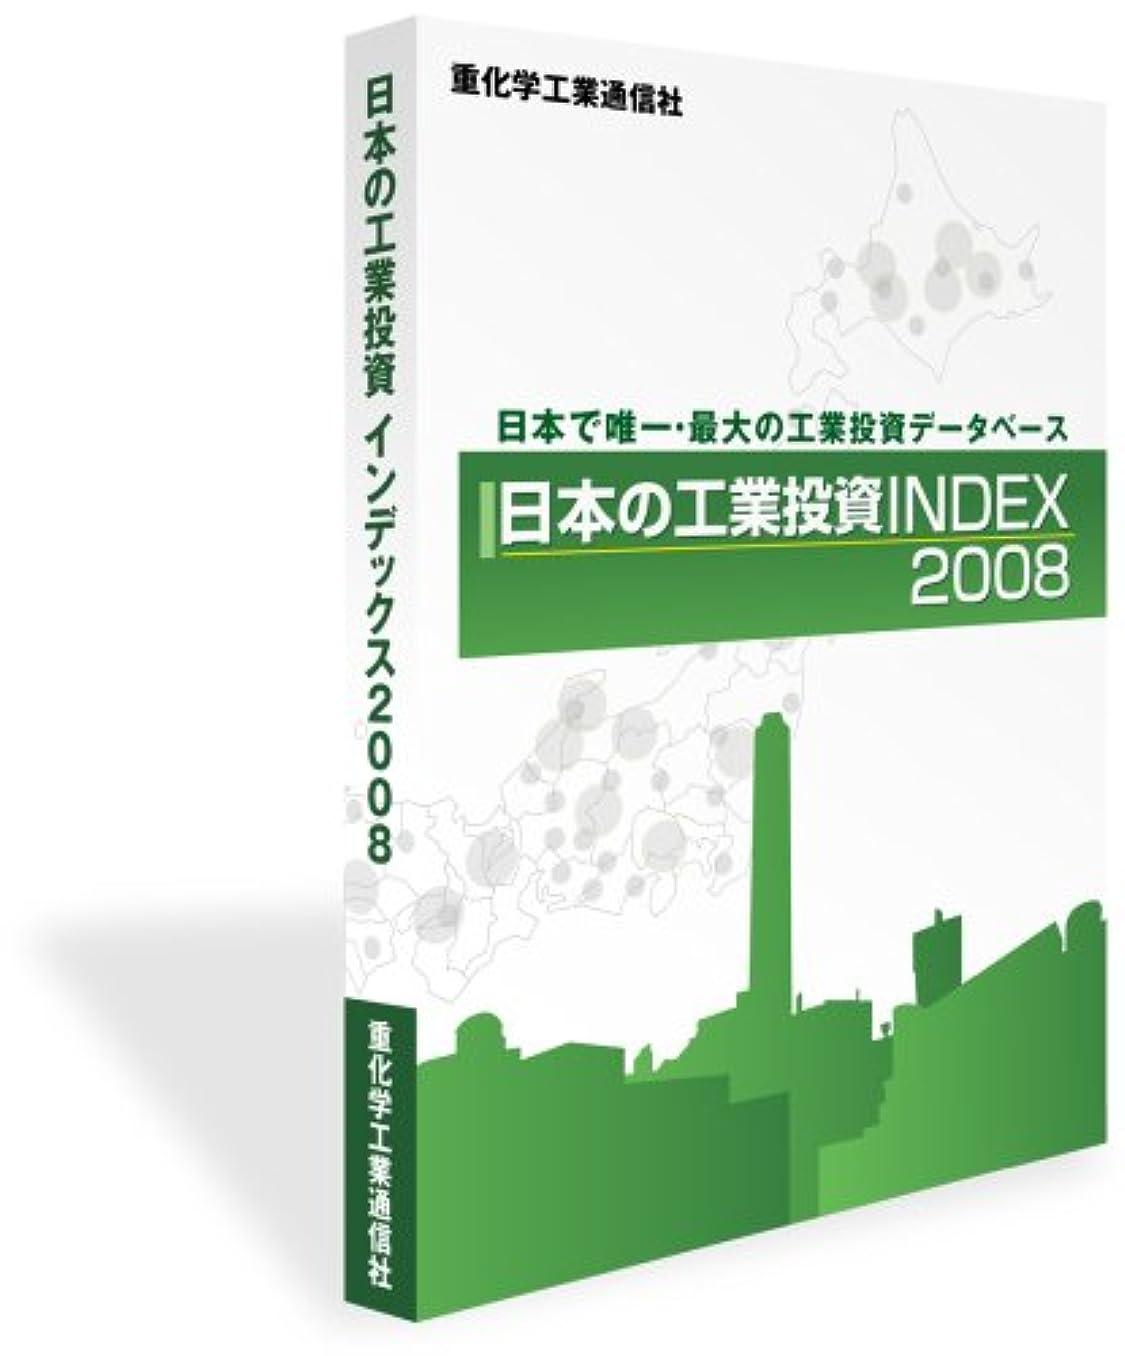 クッション森林偽装する日本の工業投資INDEX2008